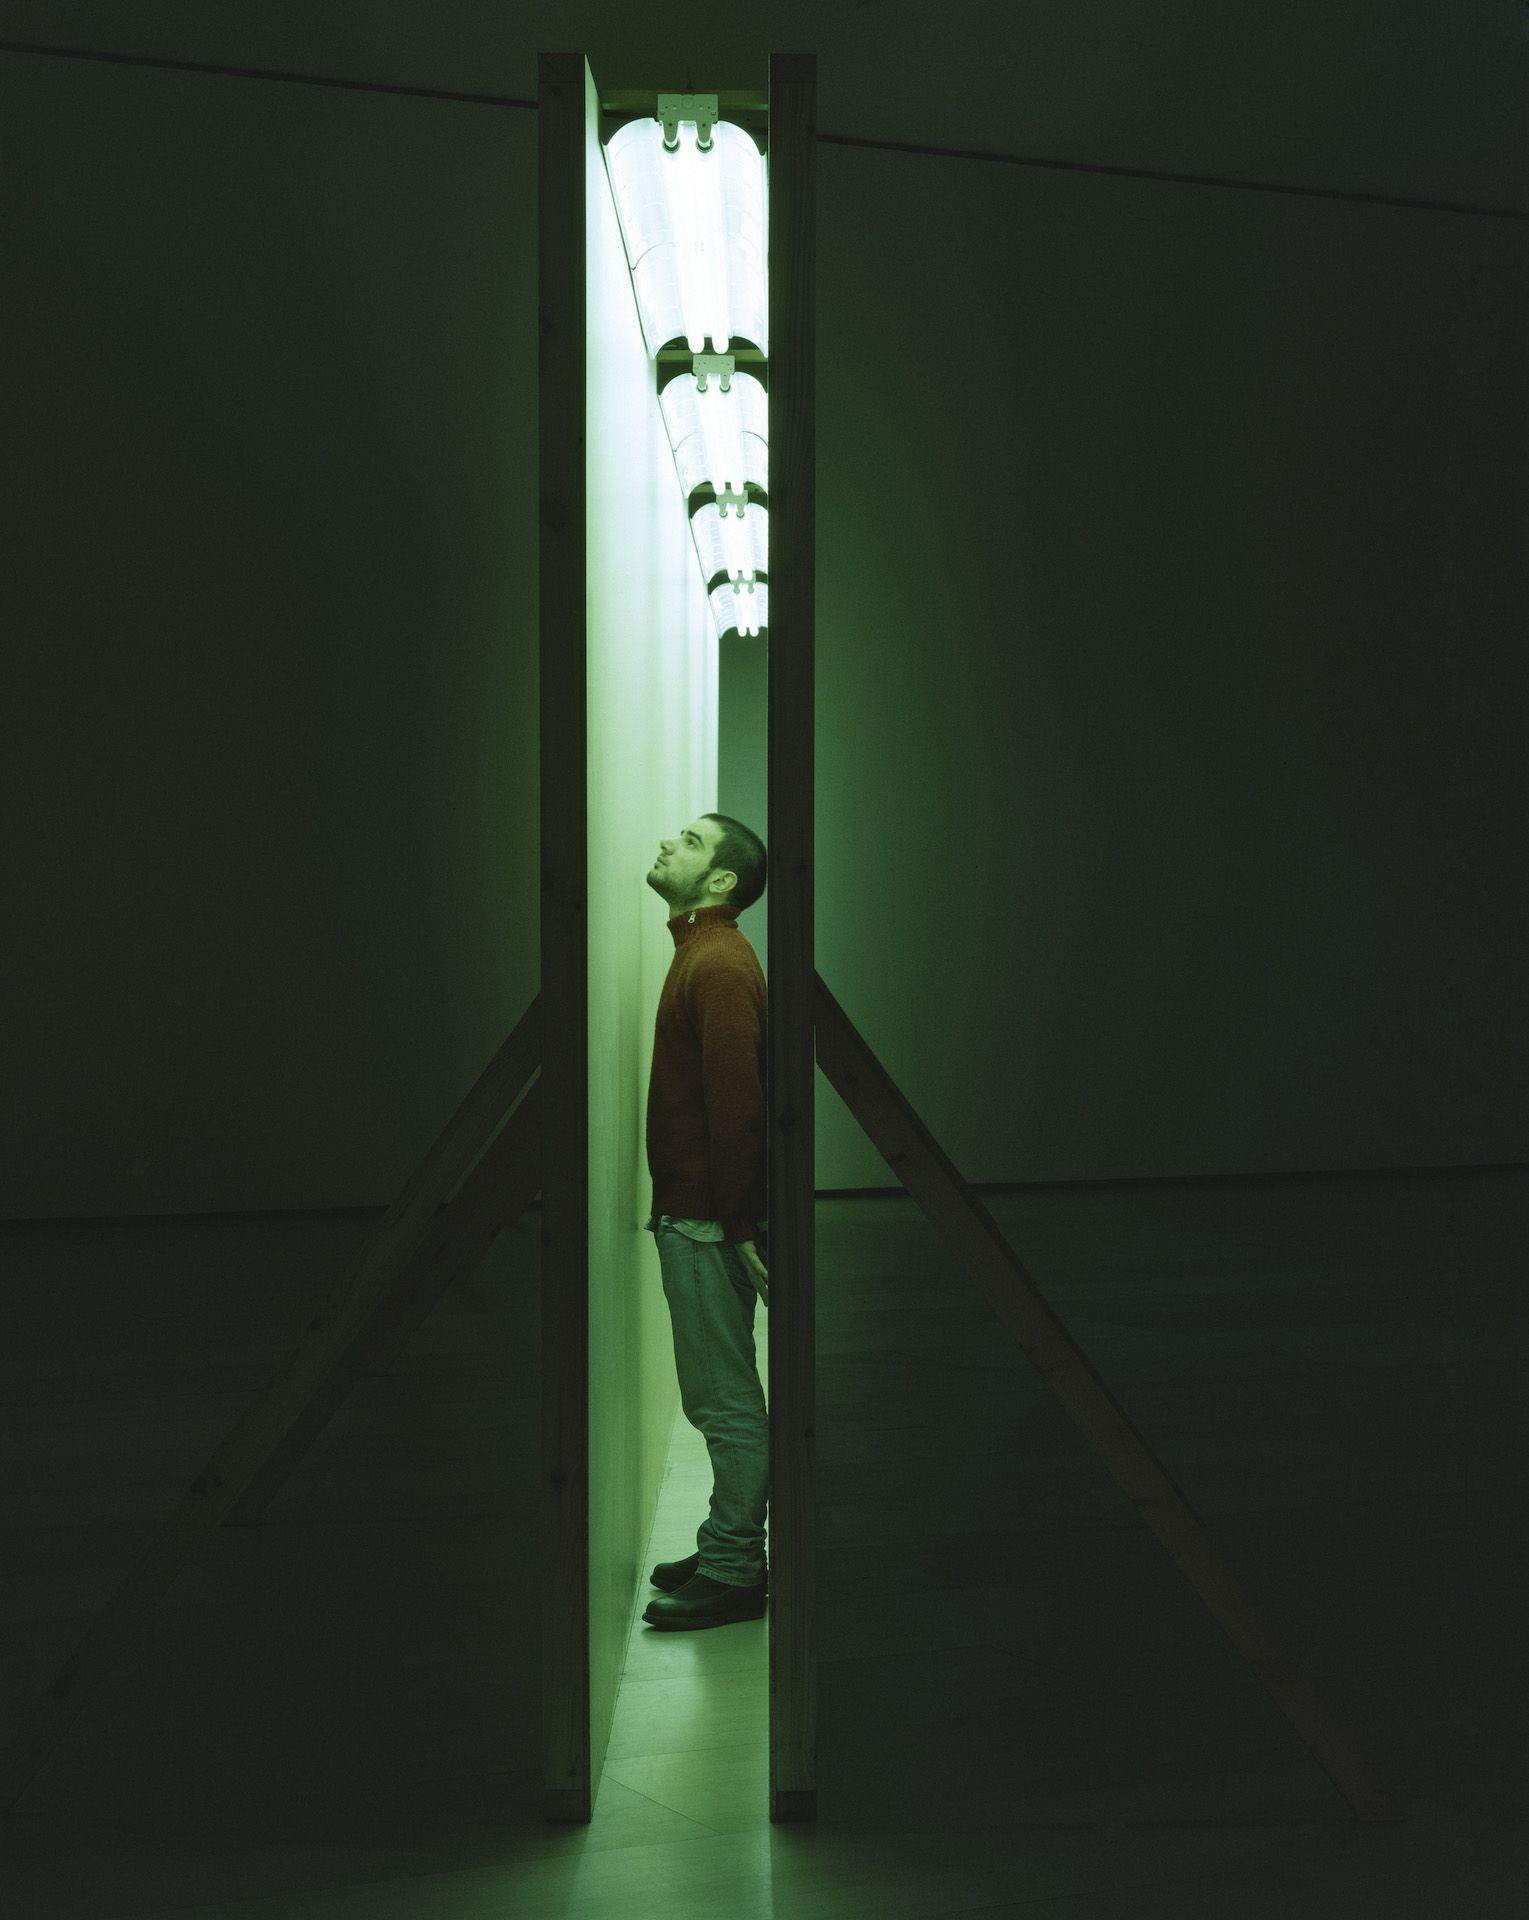 Det kan være meget nemmmere for mennesker at se på kunst og mærke sine følelser i sig selv, igangsat fra en oftest usynlig kunstner